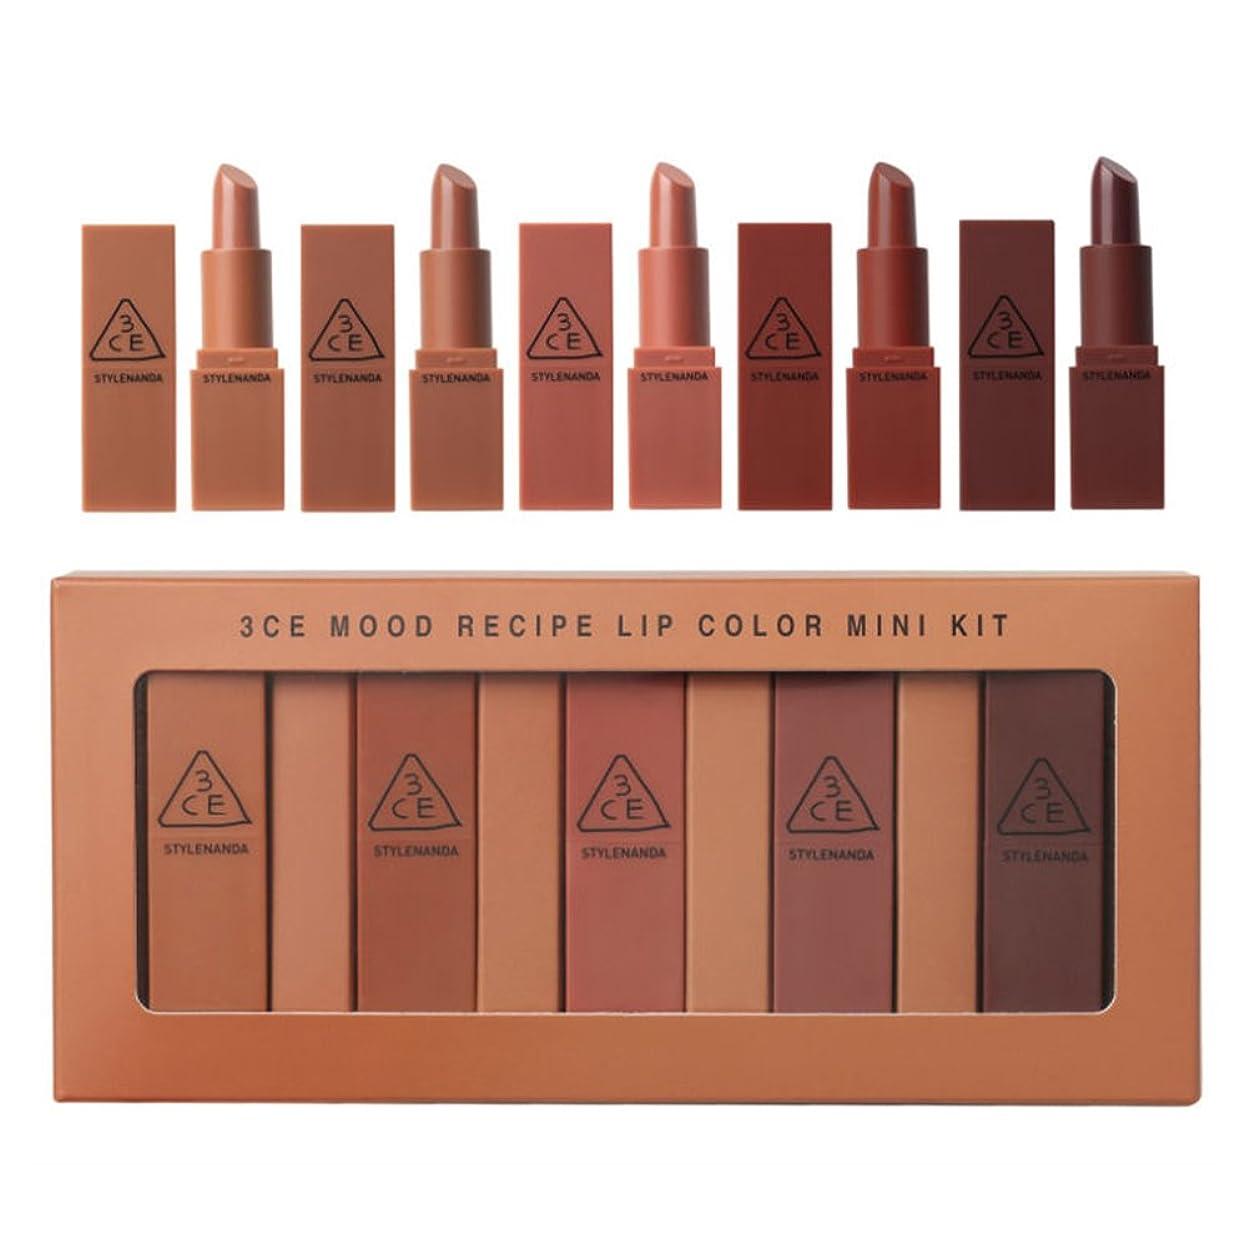 話すバナナボス3CE mood recipe lip color mini kit 3CE ムードレシピ リップ カラー ミニ キット[並行輸入品]